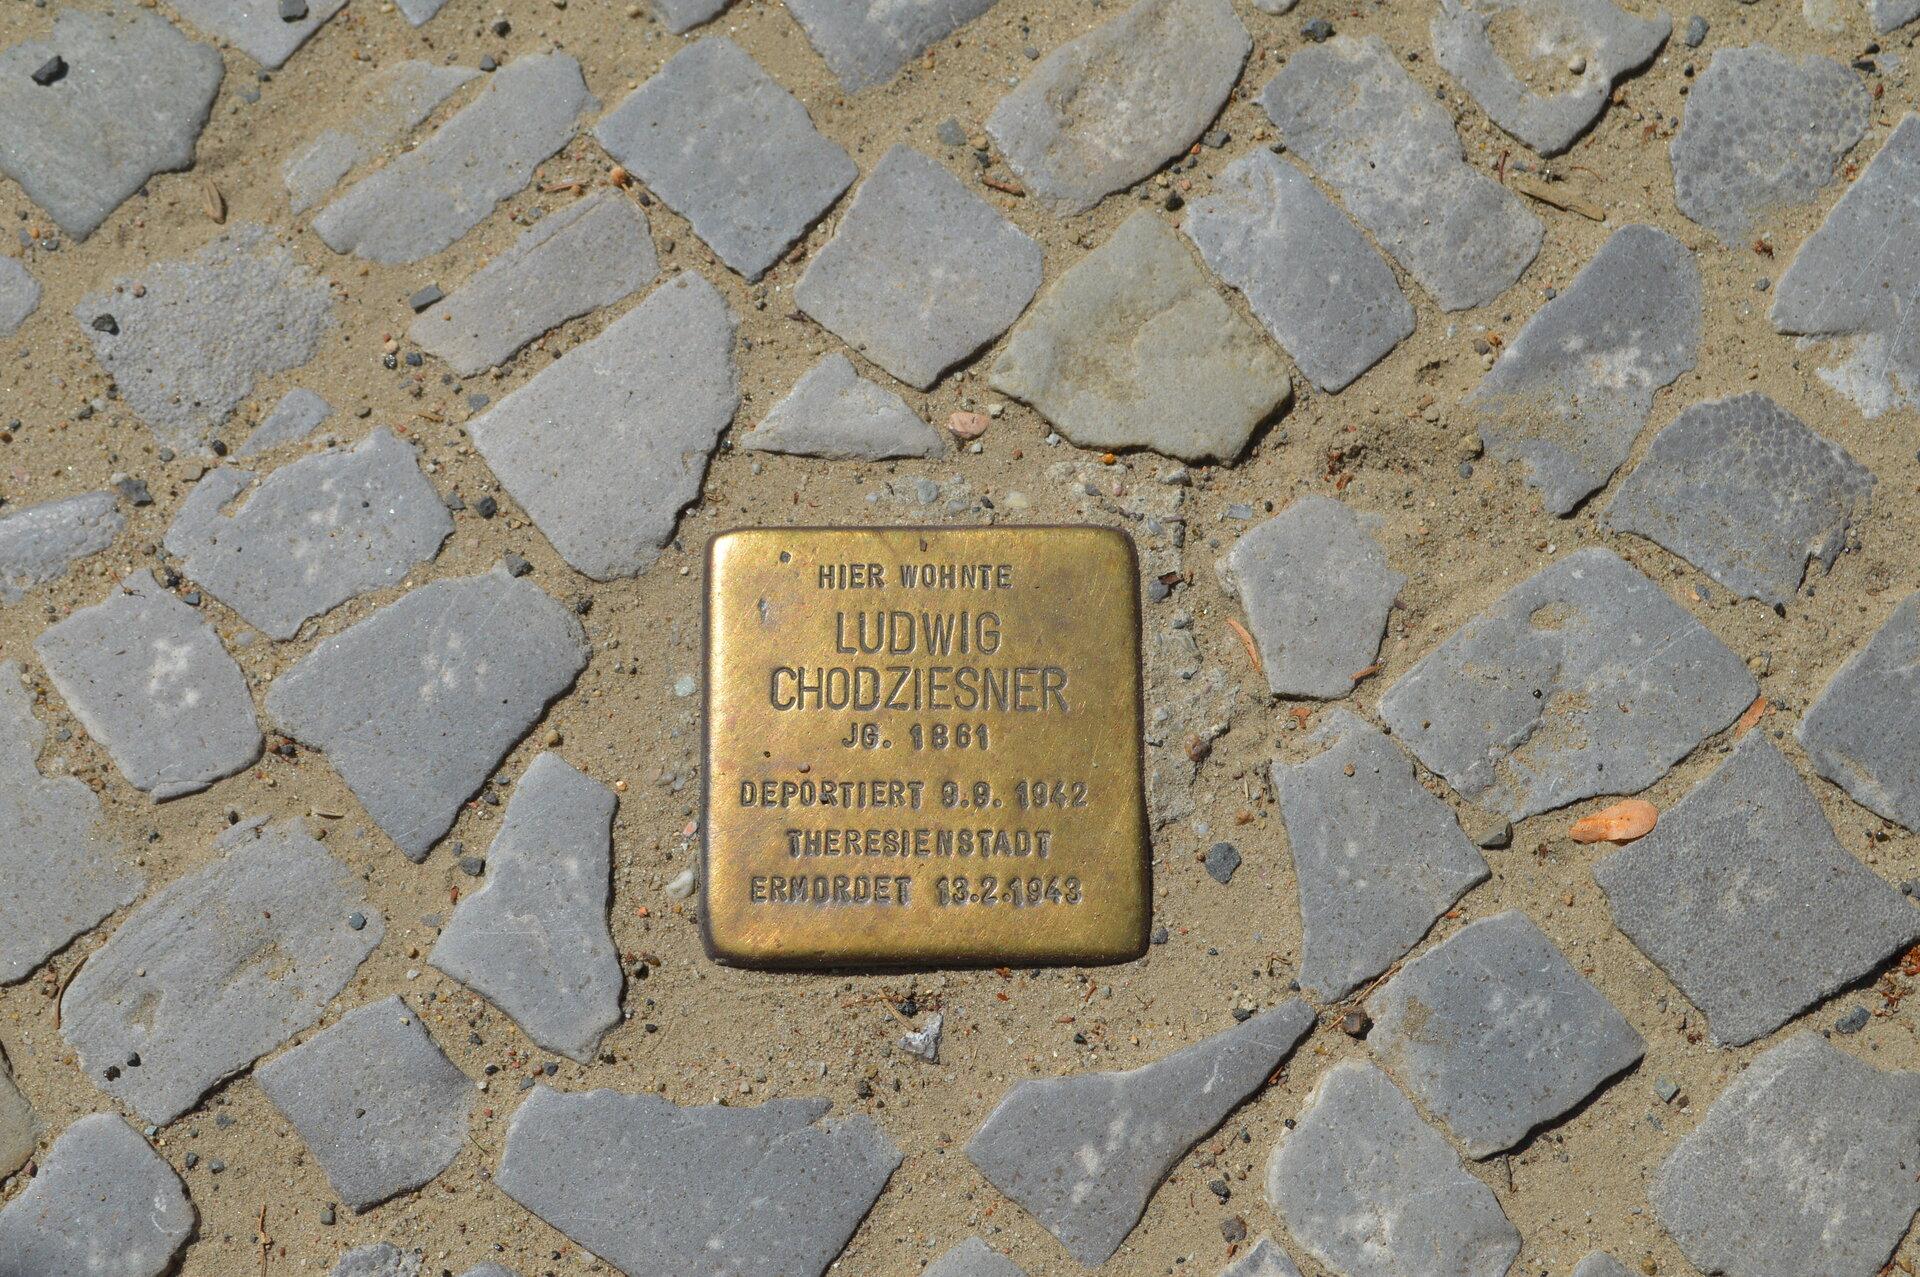 Der Stolperstein für Ludwig Chodziesner in Falkensee